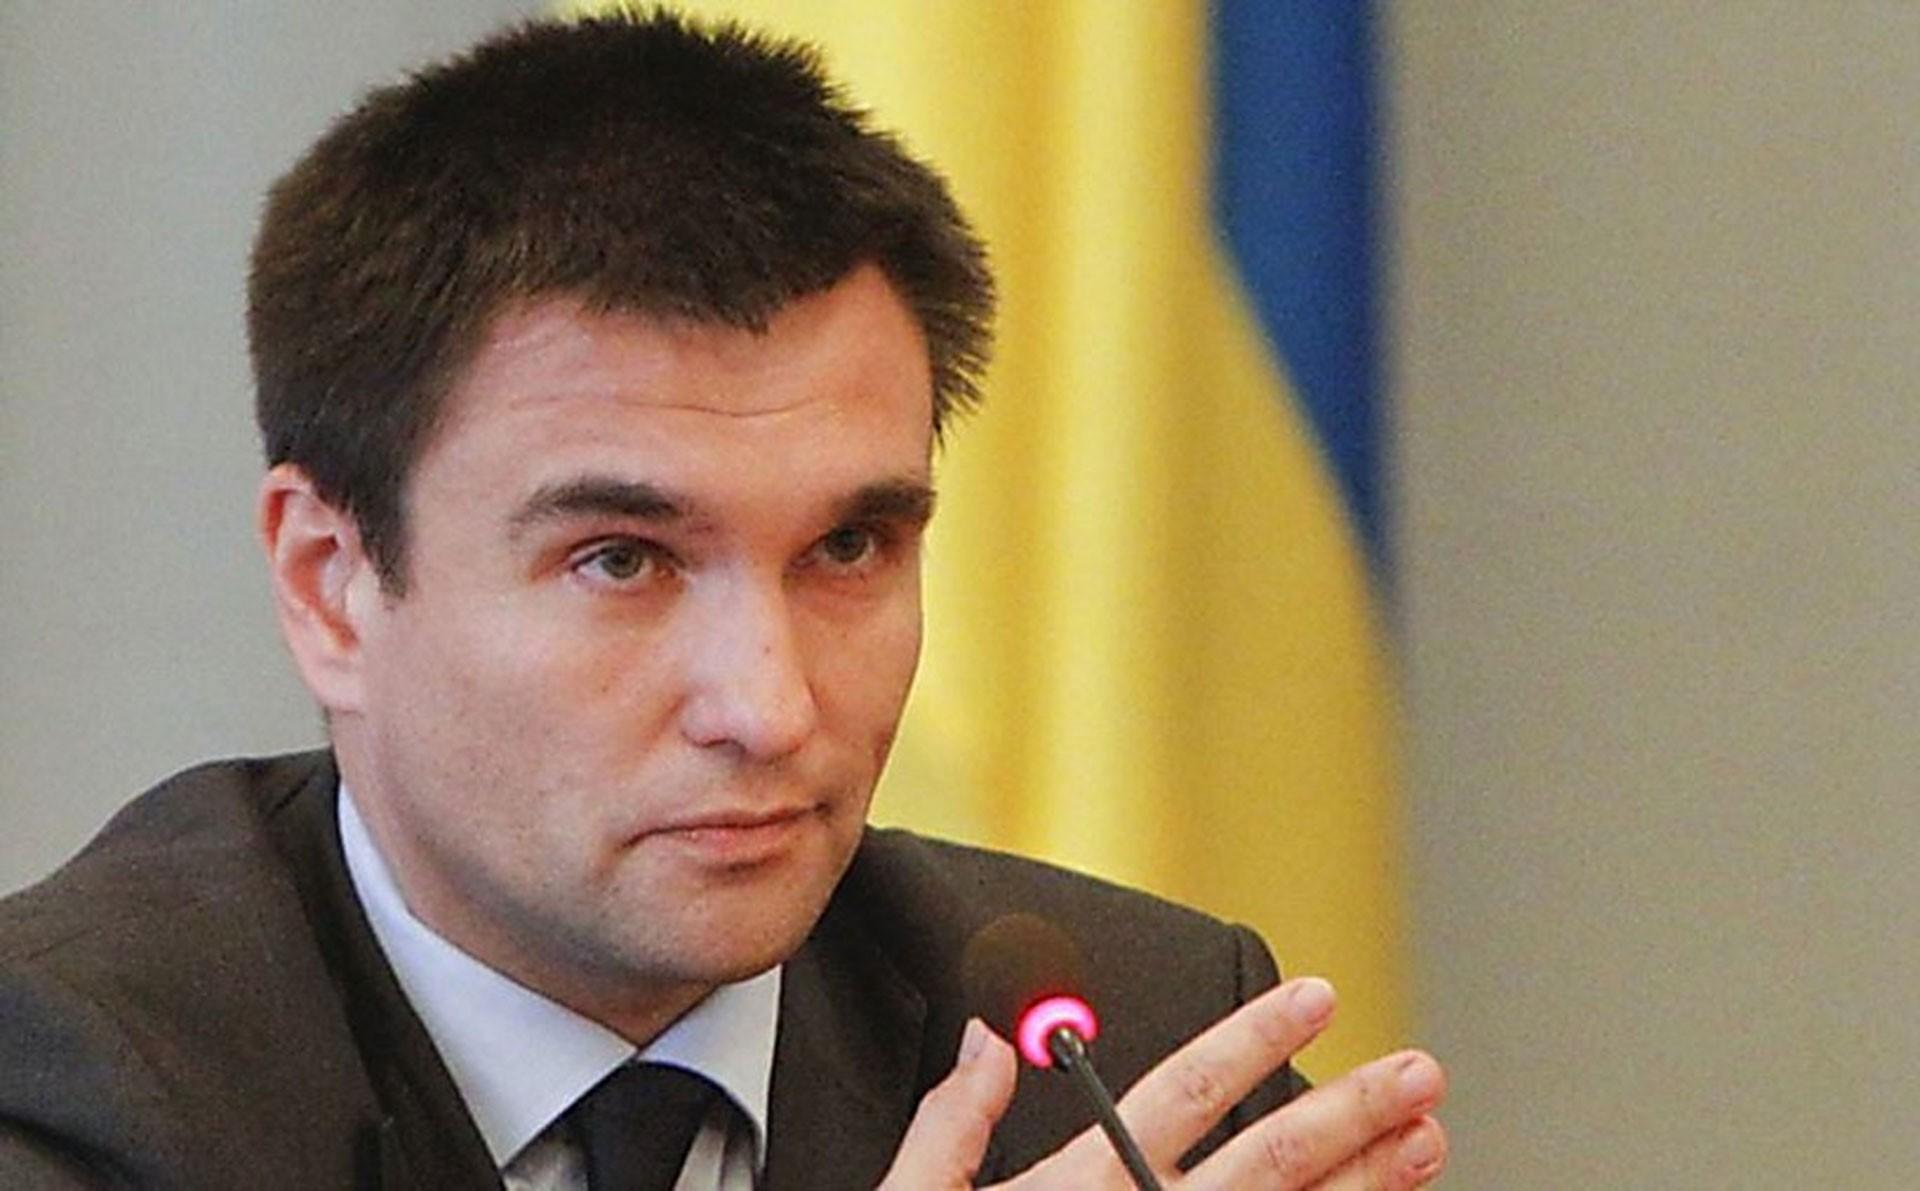 Украина планирует подать против Российской Федерации «всеобъемлющий иск»